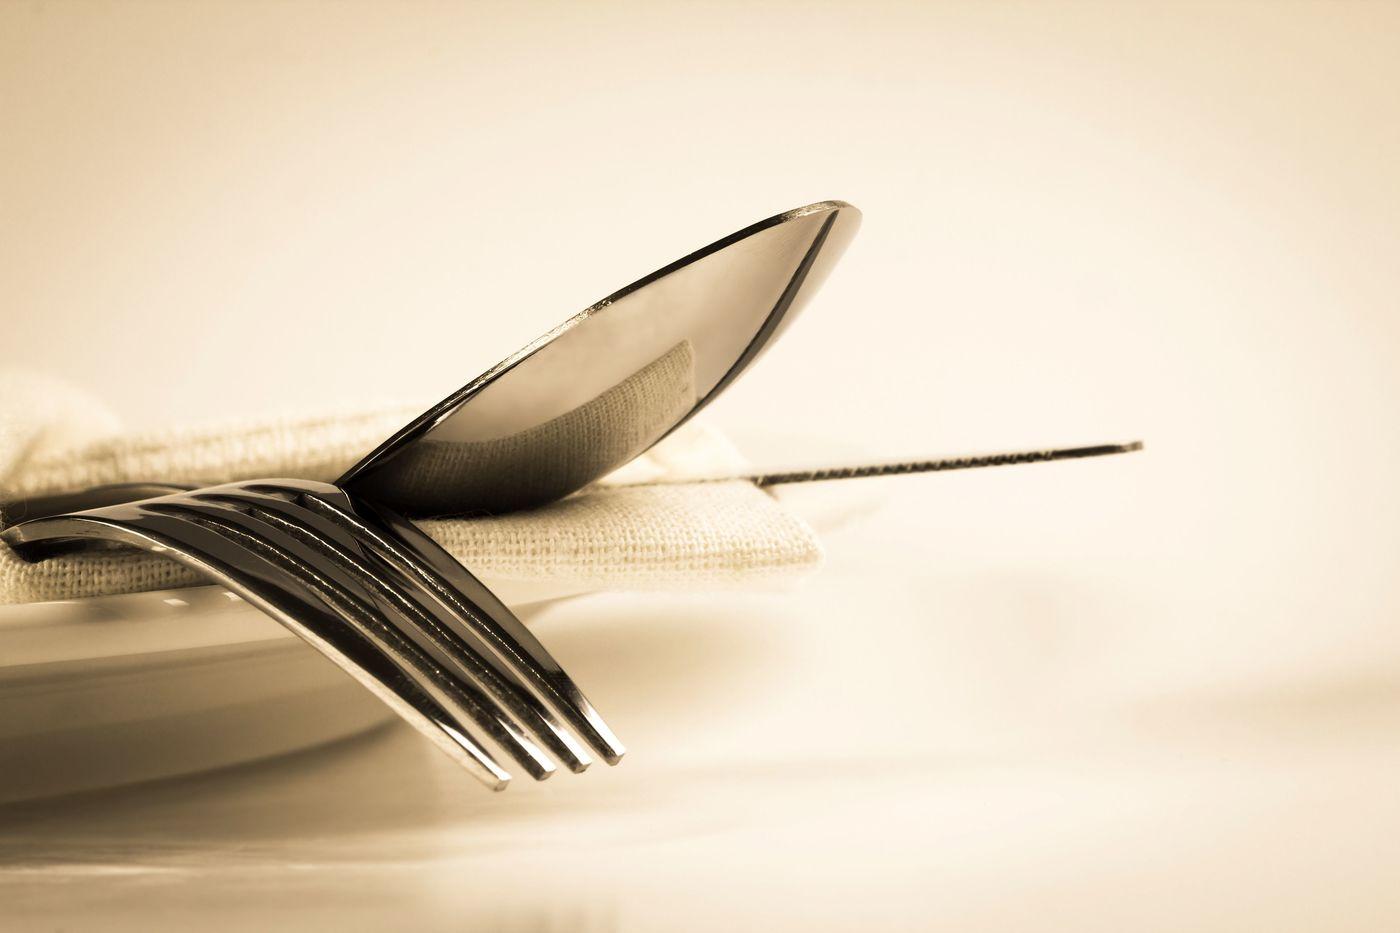 いつもの食卓がお店みたいに変身♡おしゃれなカトラリーケース紹介の1枚目の画像